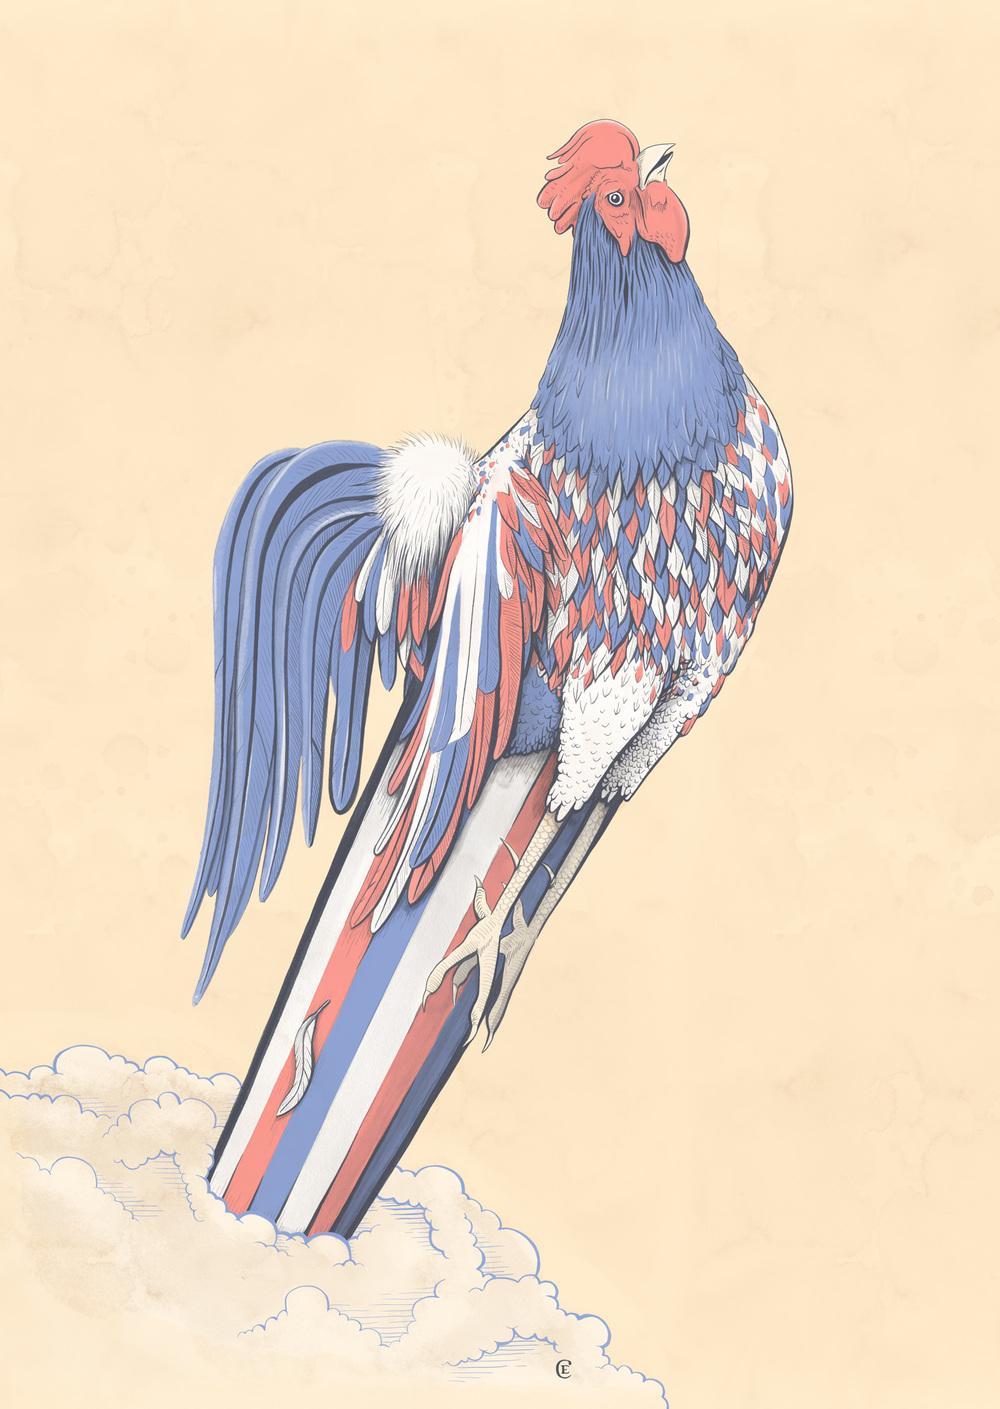 Drawn rooster gallic rooster — L'Officiel Rooster Hommes Edser